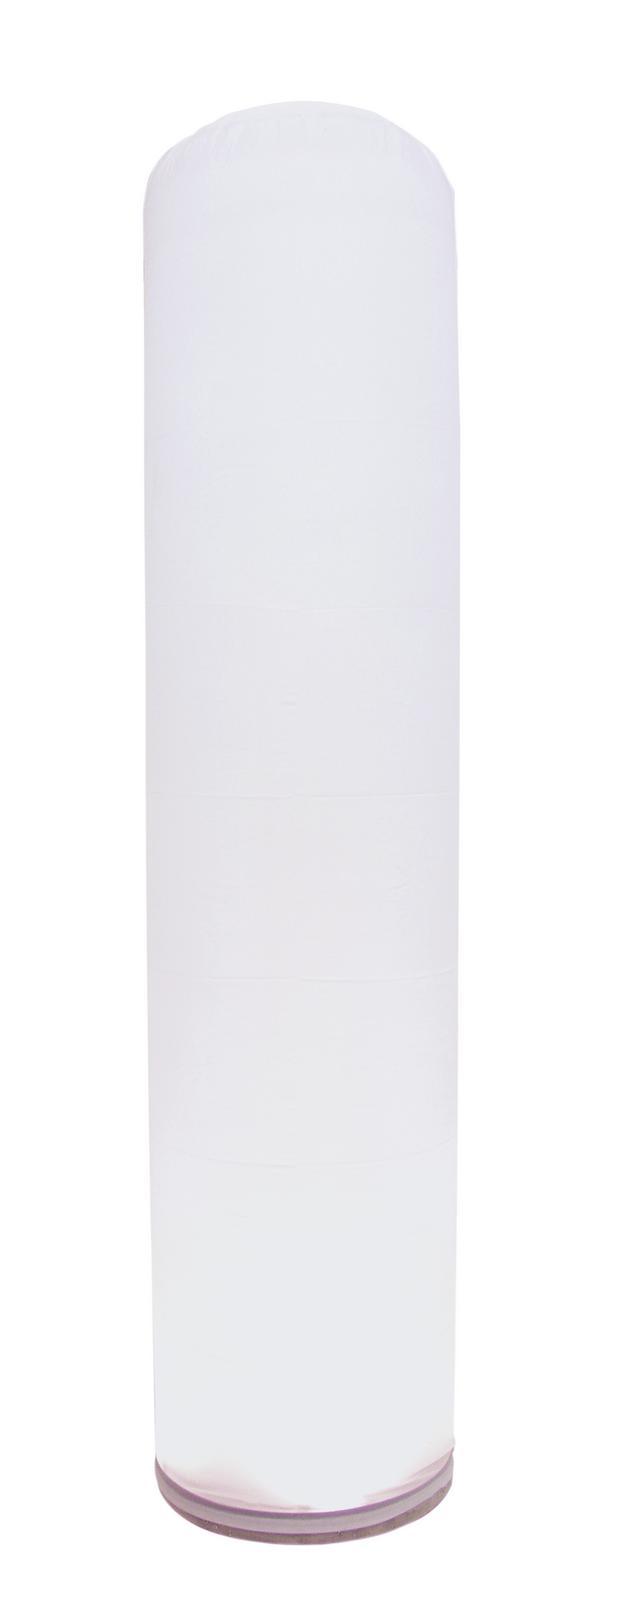 Cilindro di ricambio per AC-300, 2m, bianco EUROLITE